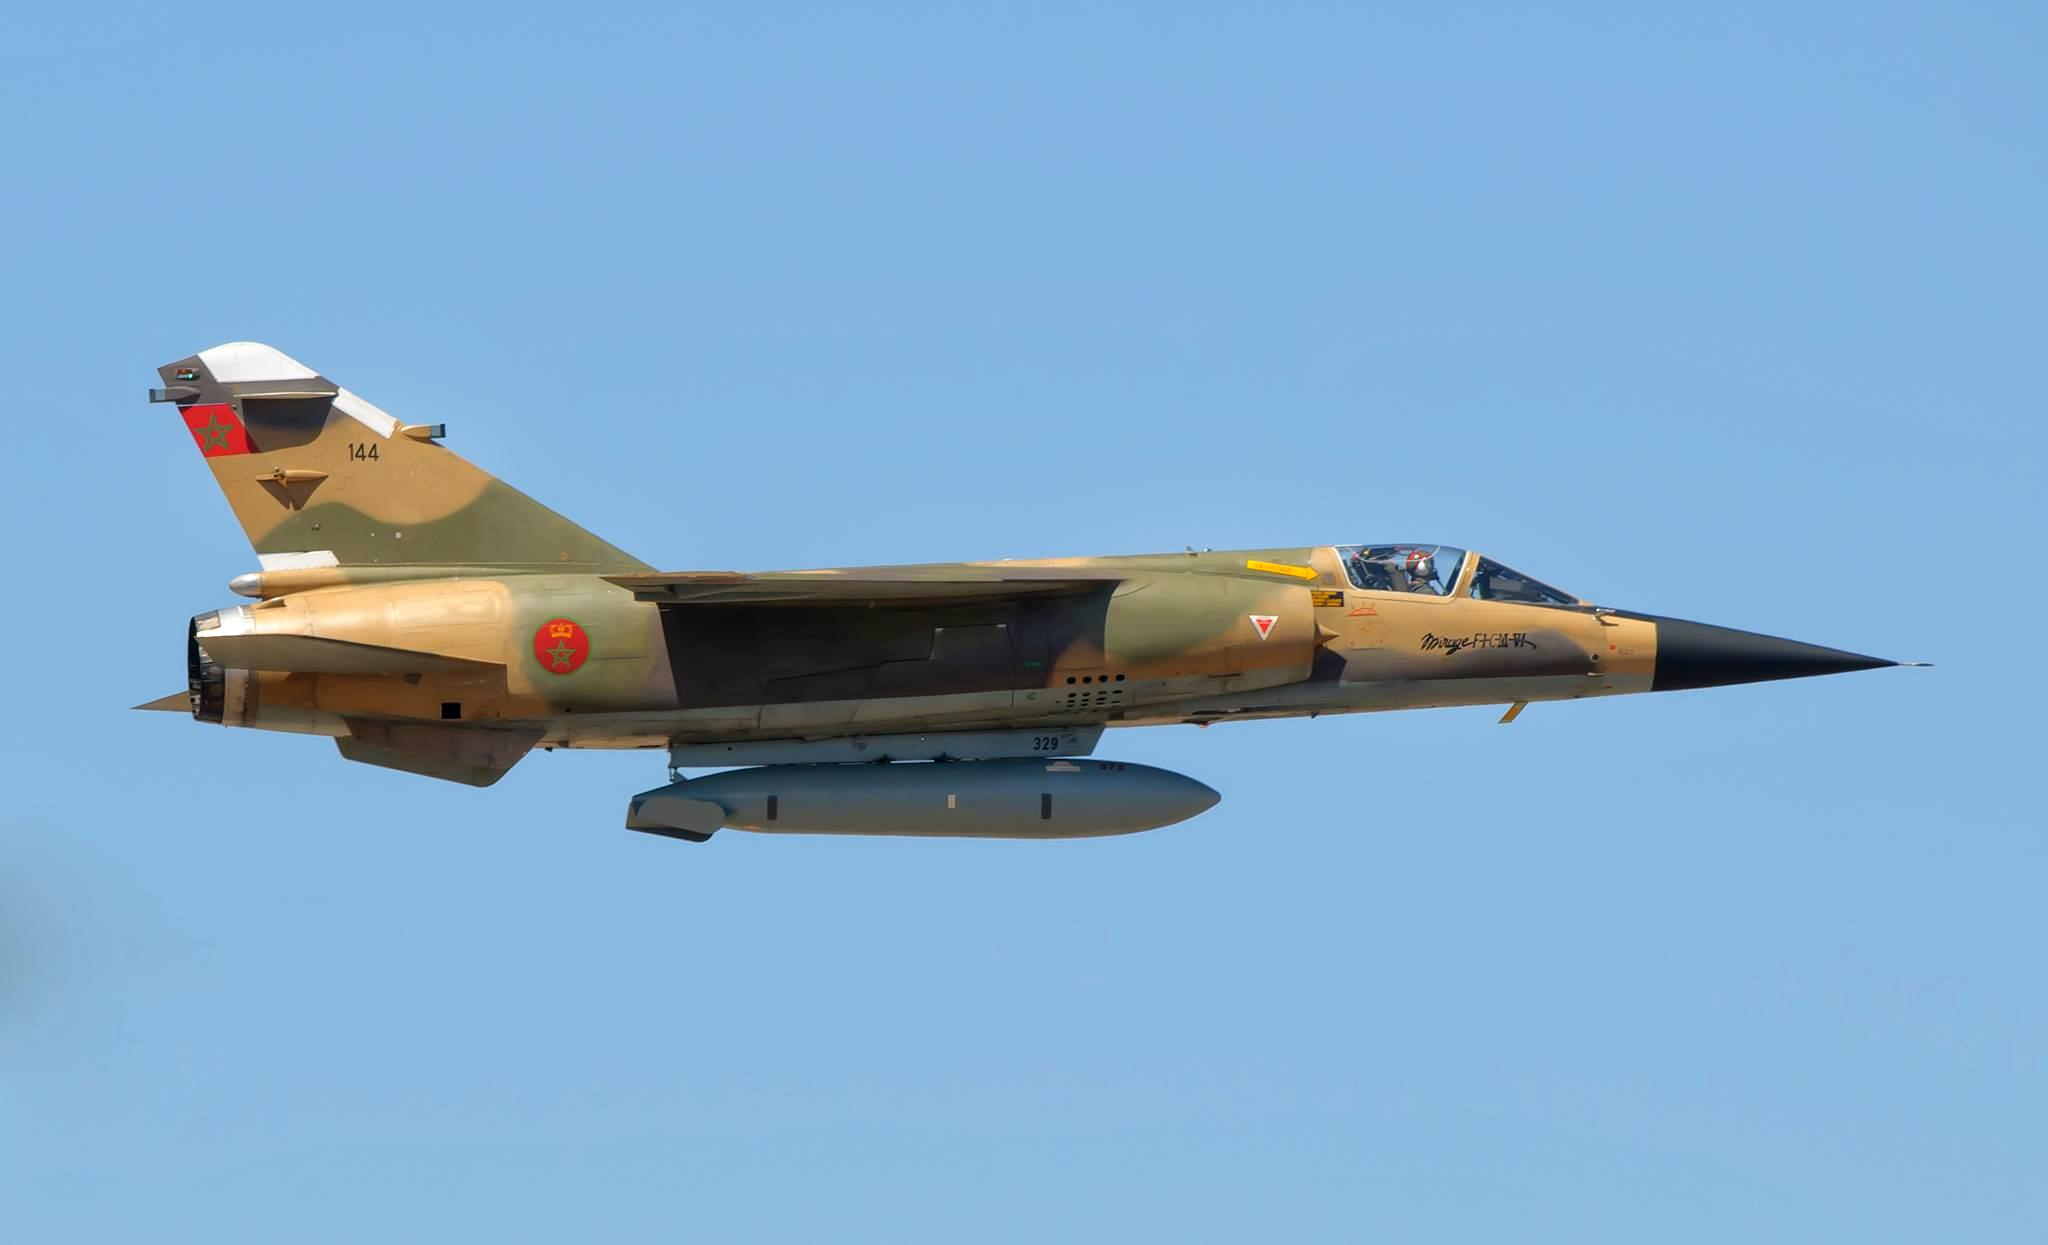 القوات الجوية الملكية المغربية - متجدد - - صفحة 2 160201055955395180